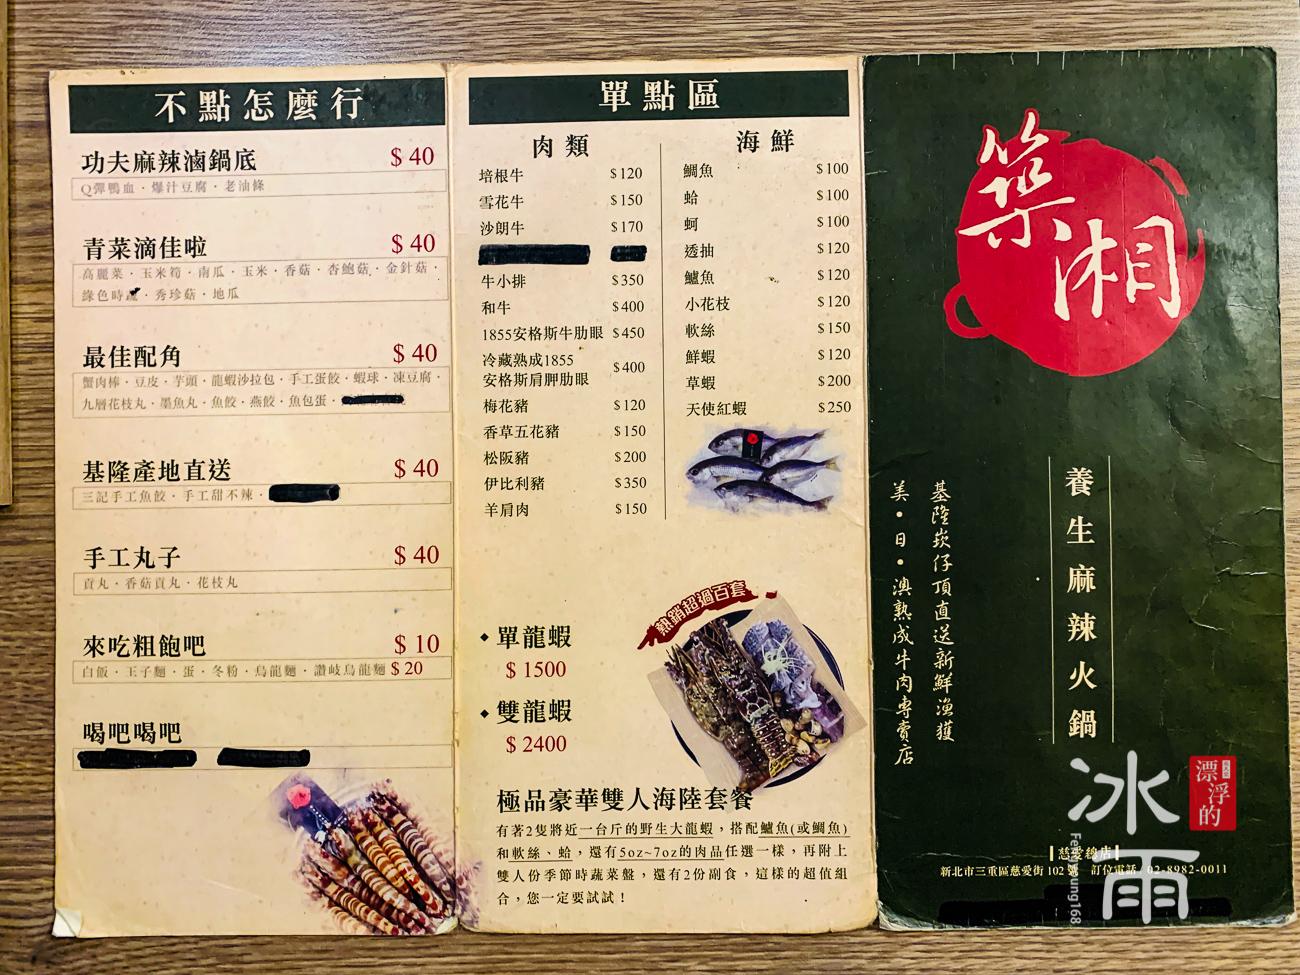 築湘養生麻辣火鍋店|菜單3